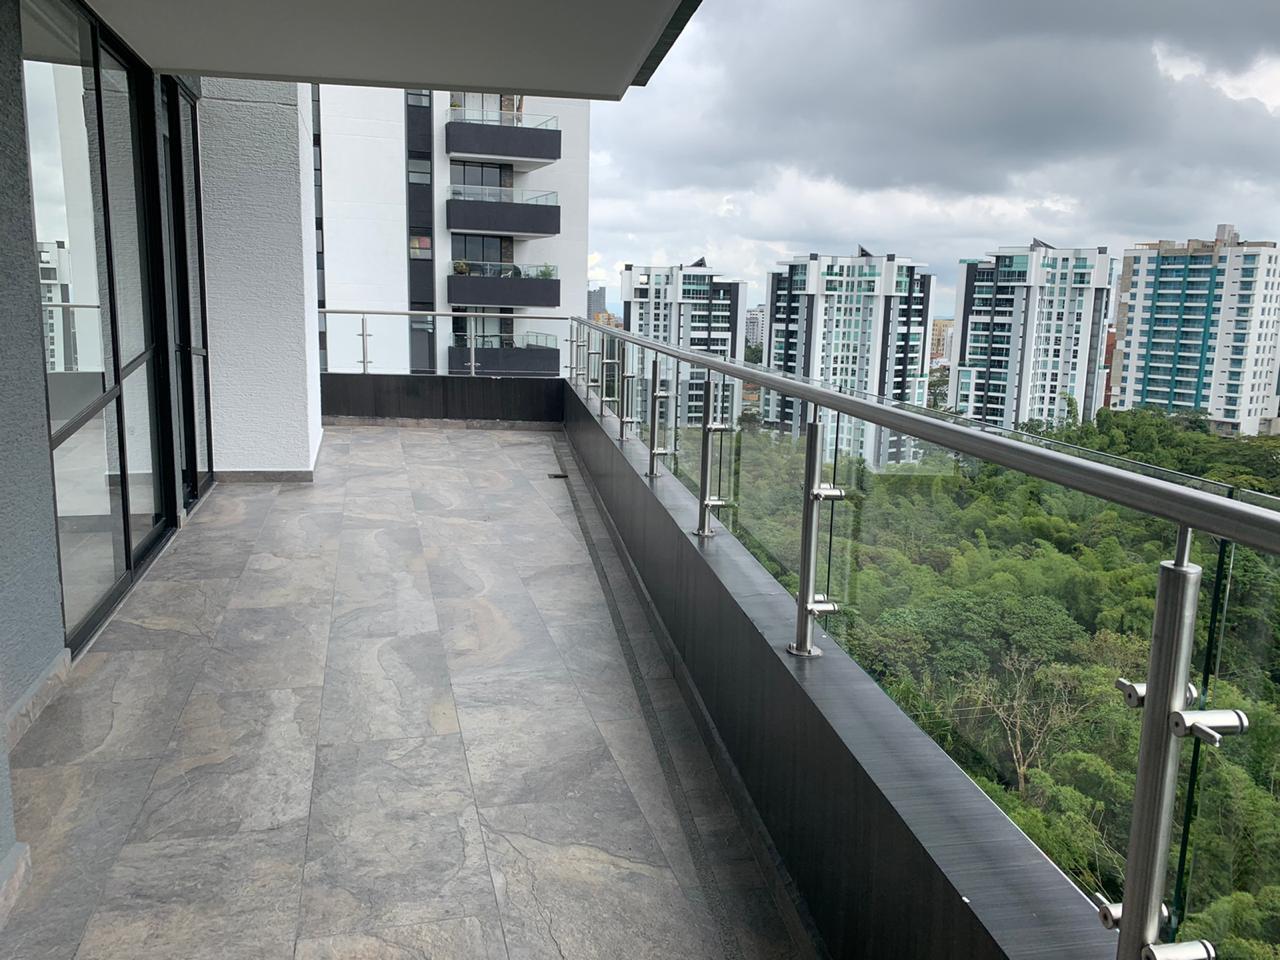 100524 - Apartamento en el edificio Horeb con hermosa vista